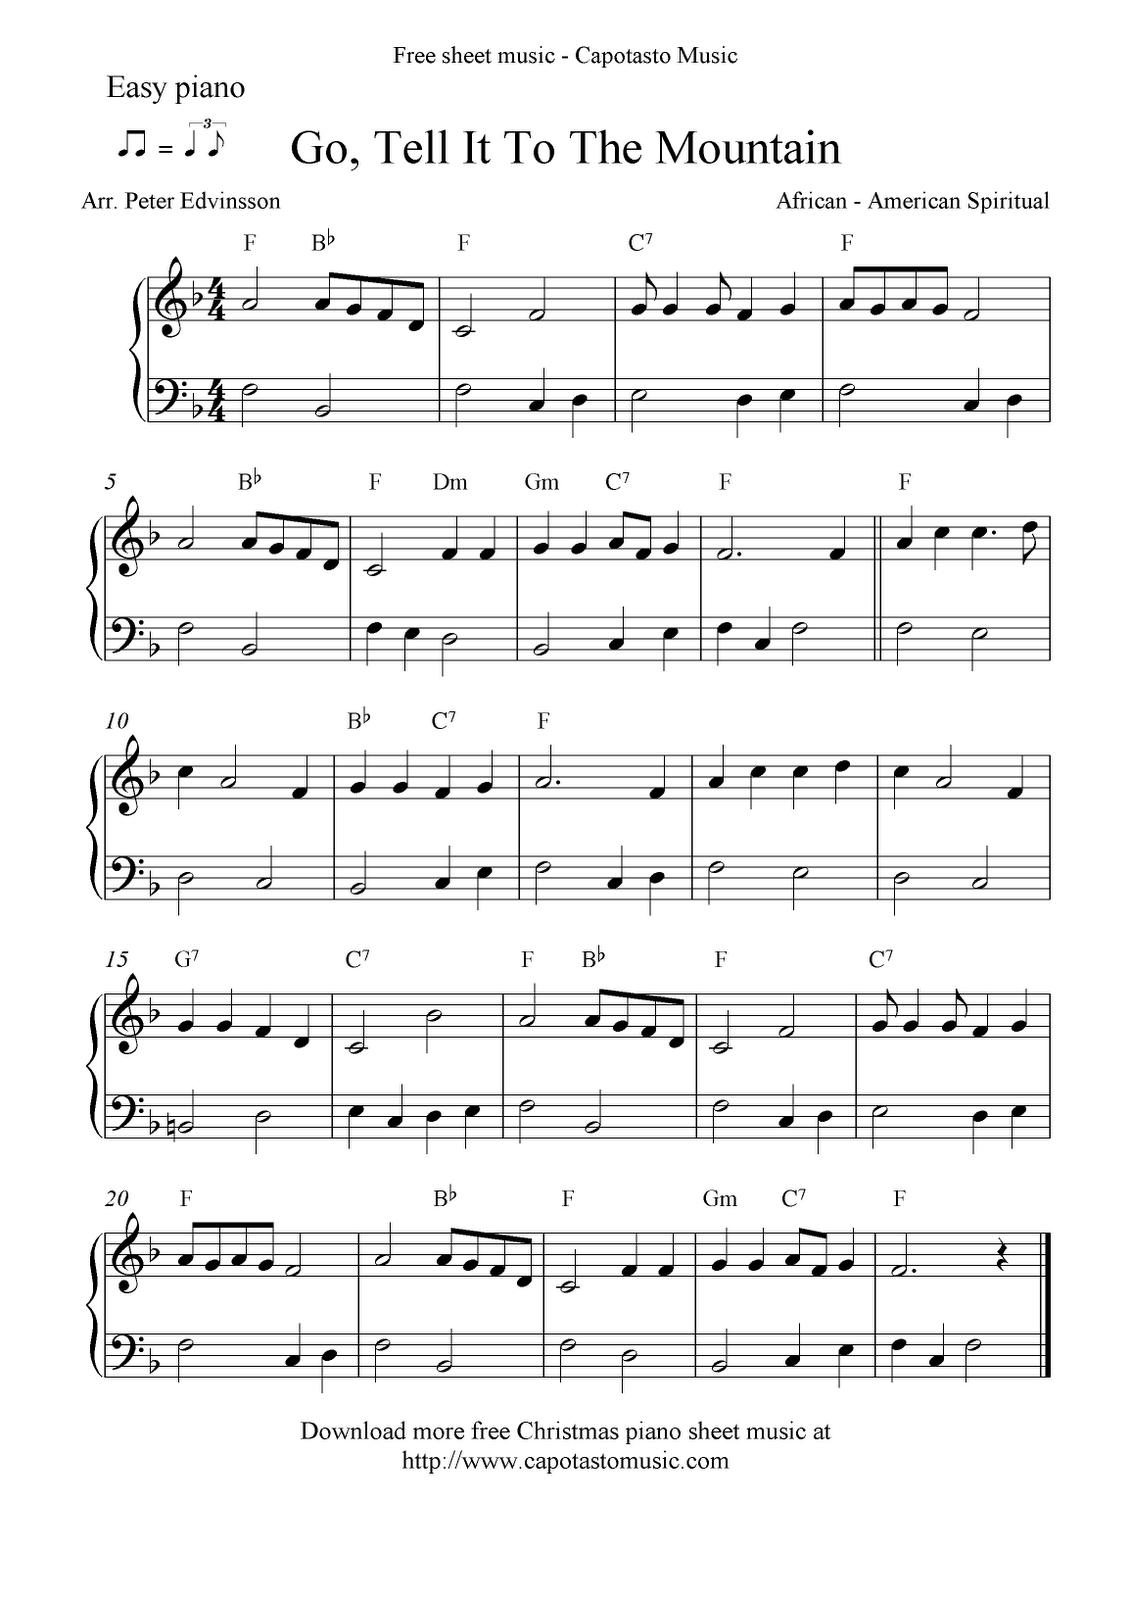 Free Printable Piano Sheet Music Free Sheet Music Scores